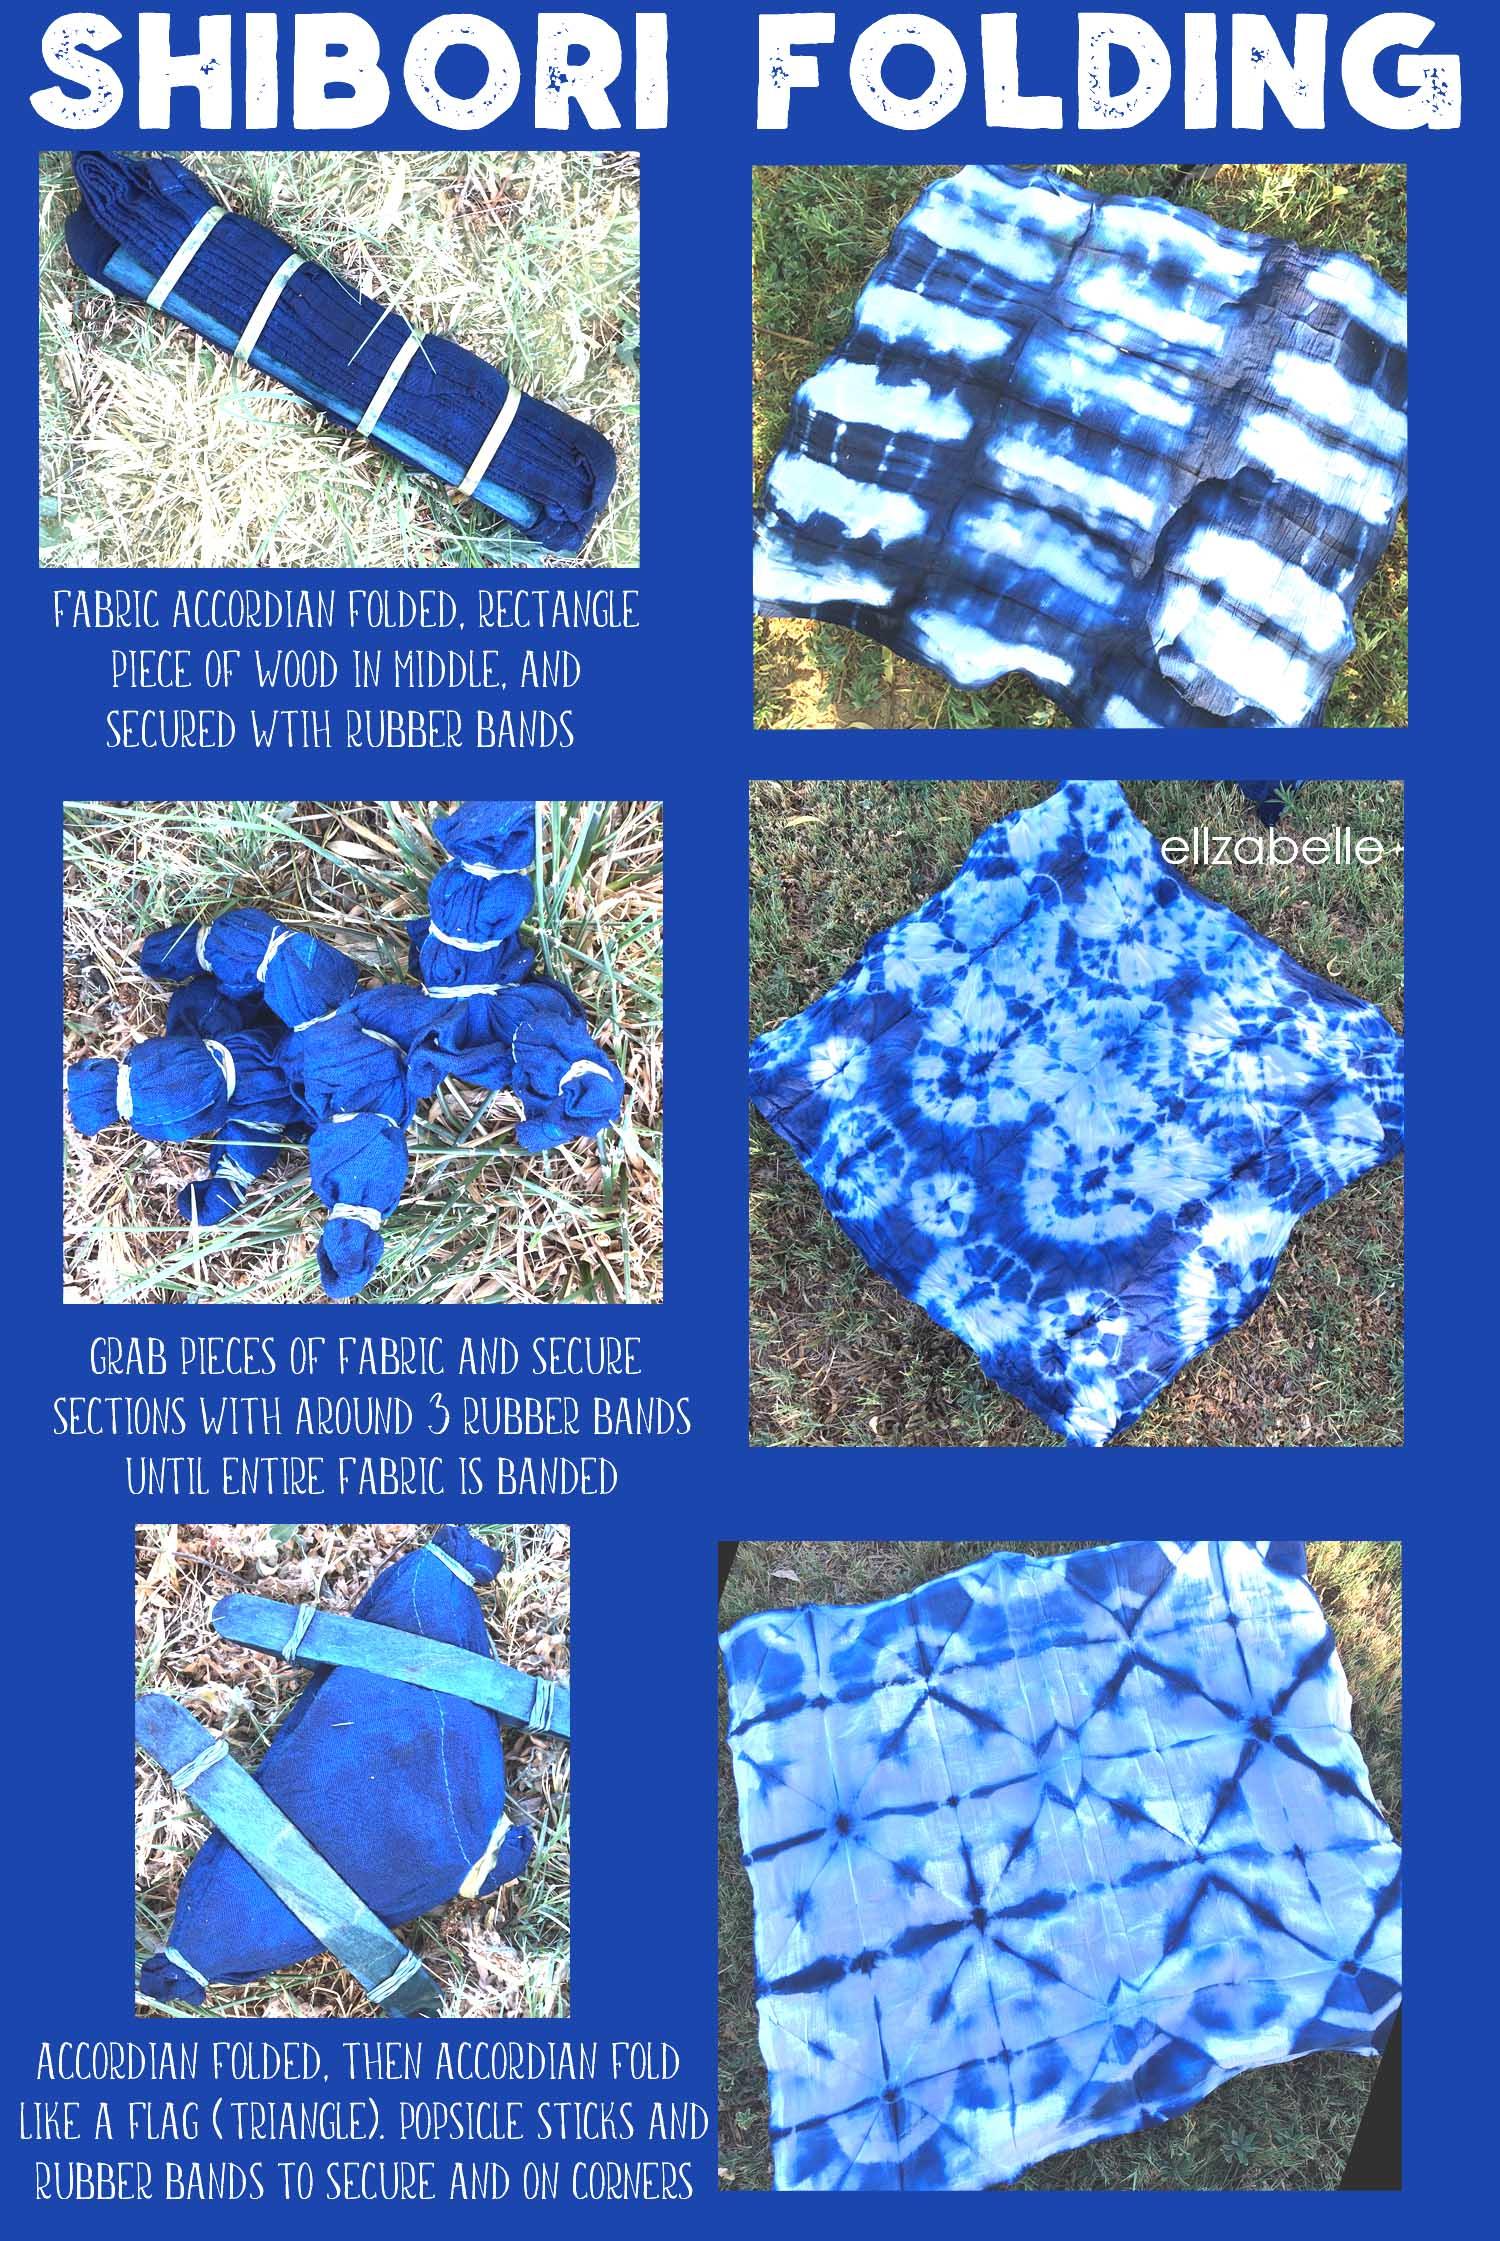 shibori folding2.jpg